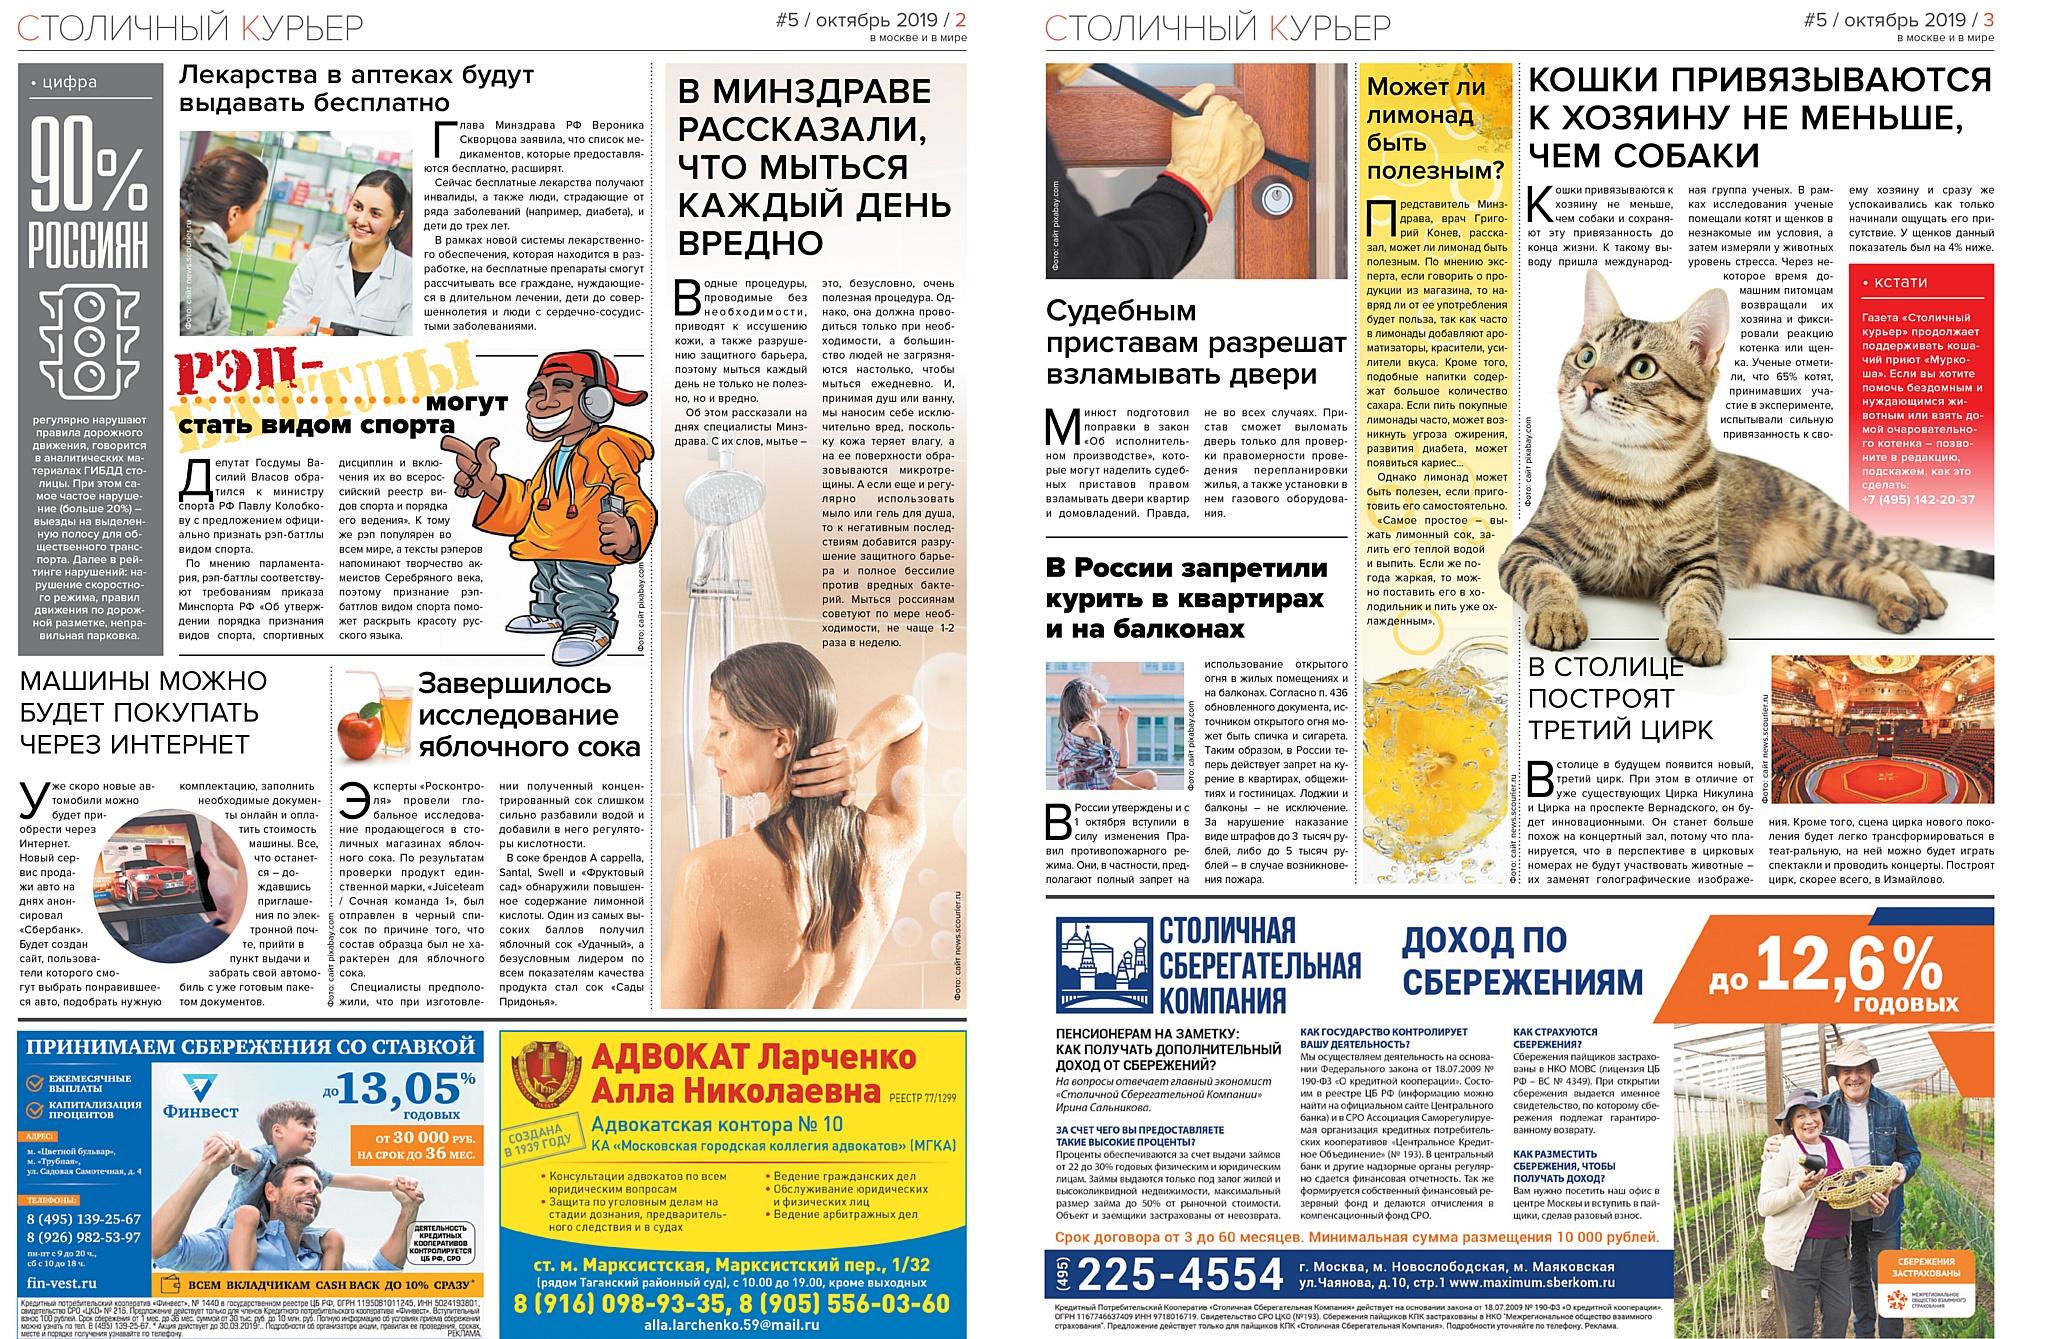 Вышел новый, октябрьский, номер газеты «Столичный курьер»